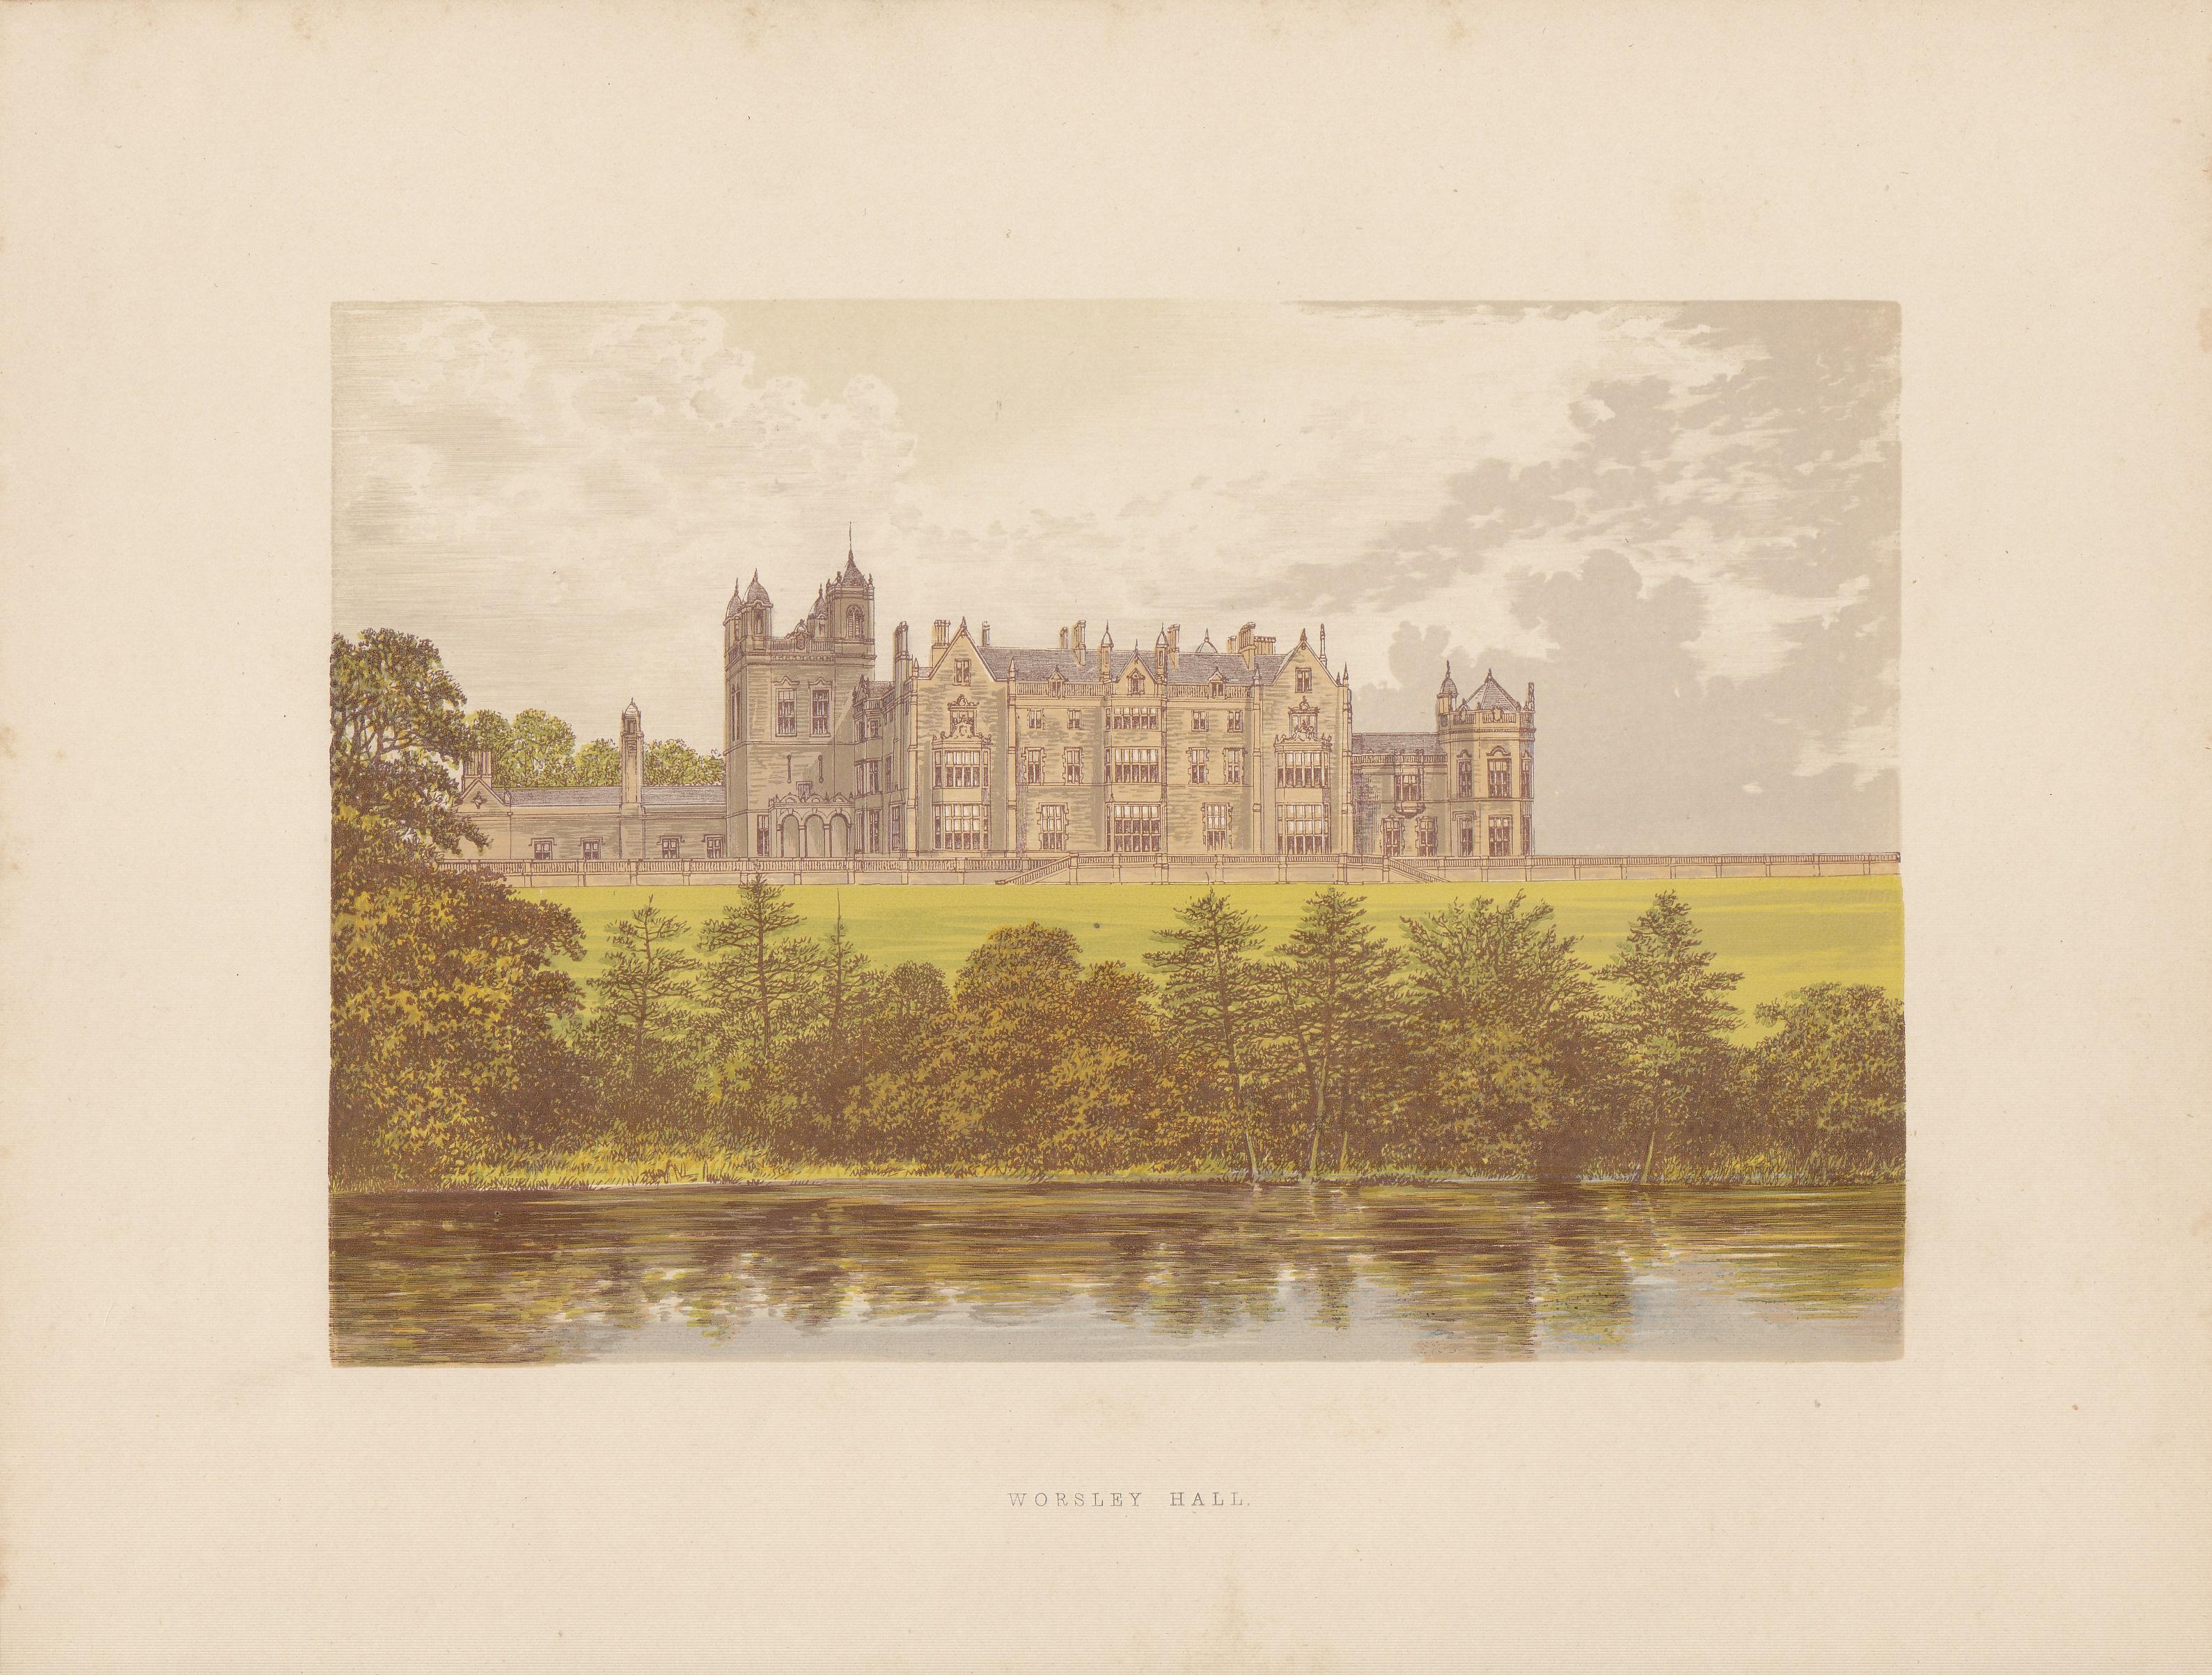 Worsley Hall